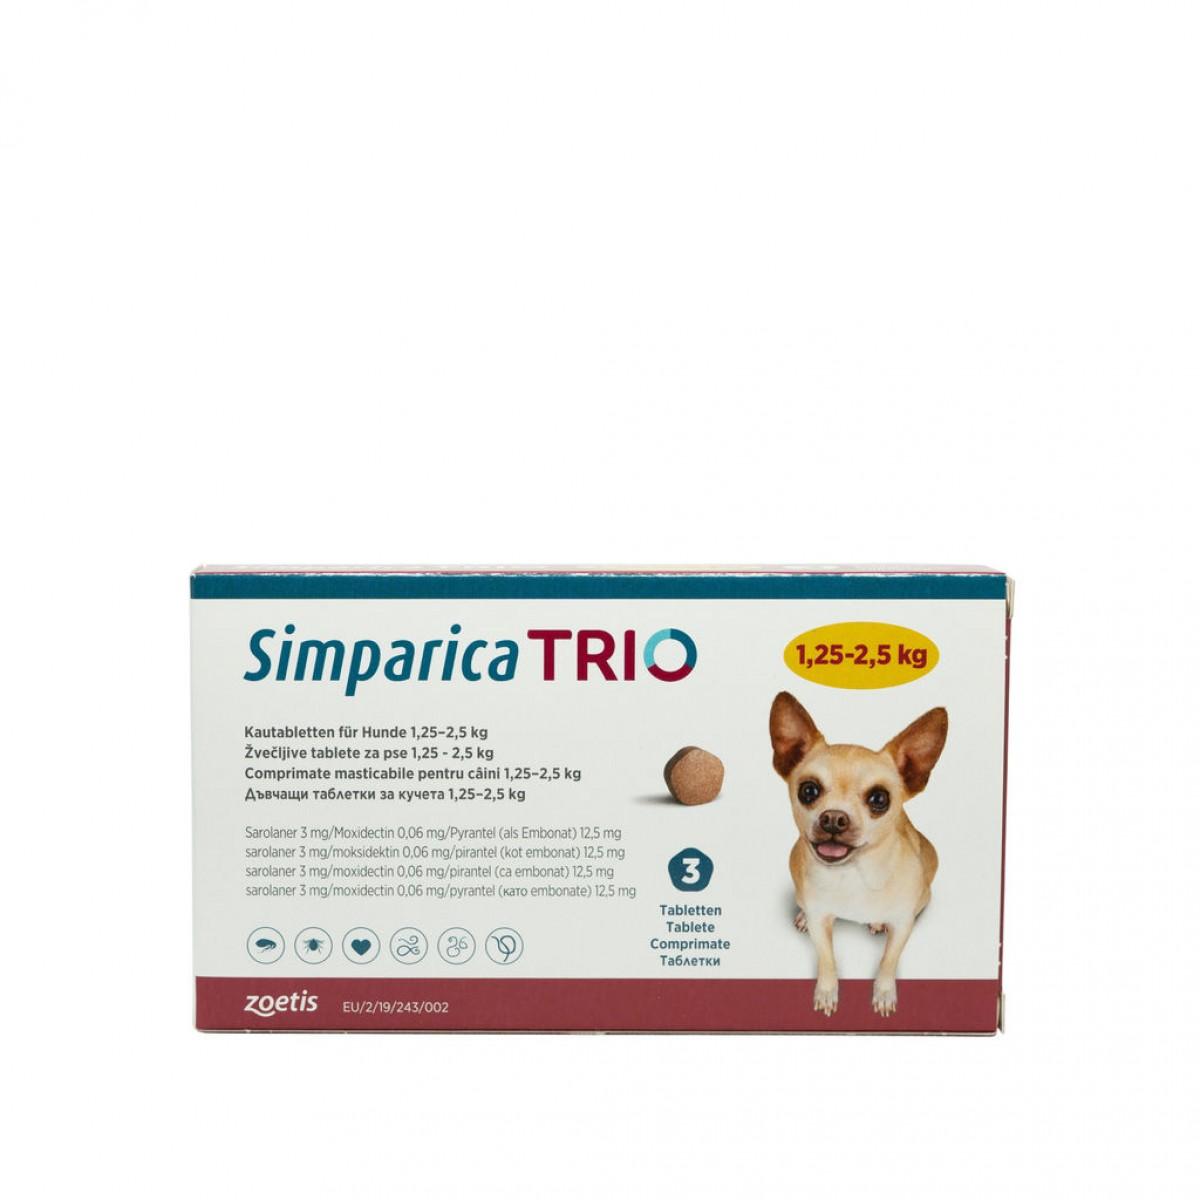 Comprimat masticabil antiparazitar Simparica Trio pentru caini 1.25-2.5kg